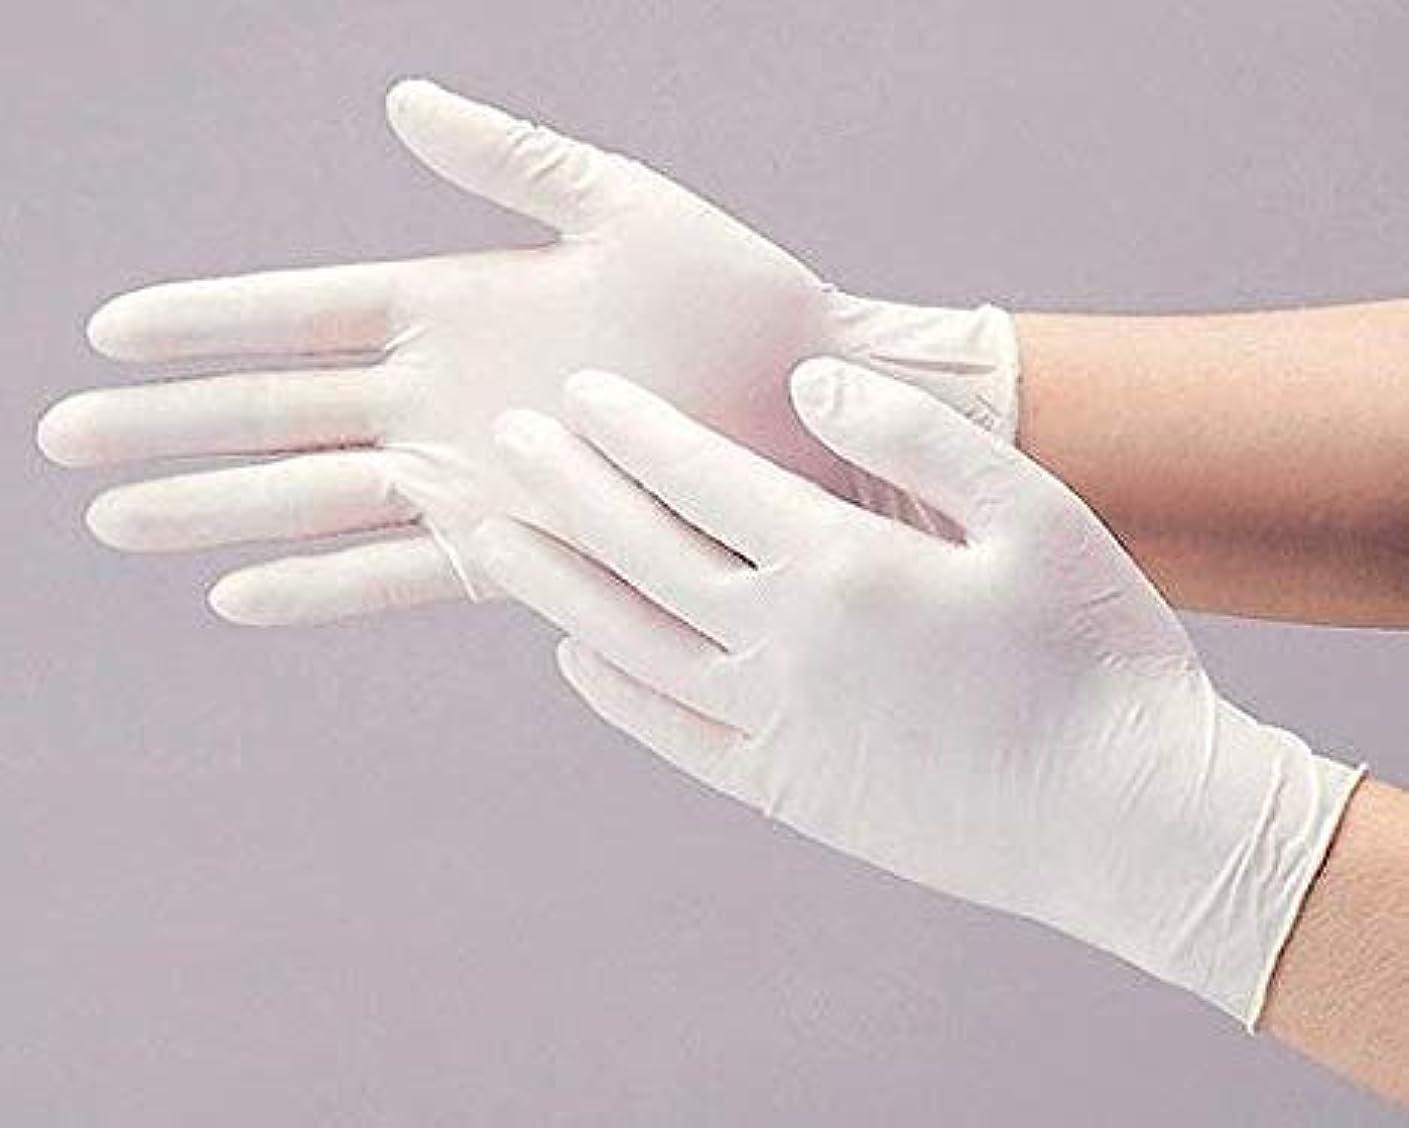 スナップ診断する部ケース販売 ダンロップ 天然ゴム極薄手袋 NR611 (40箱, Sサイズ)